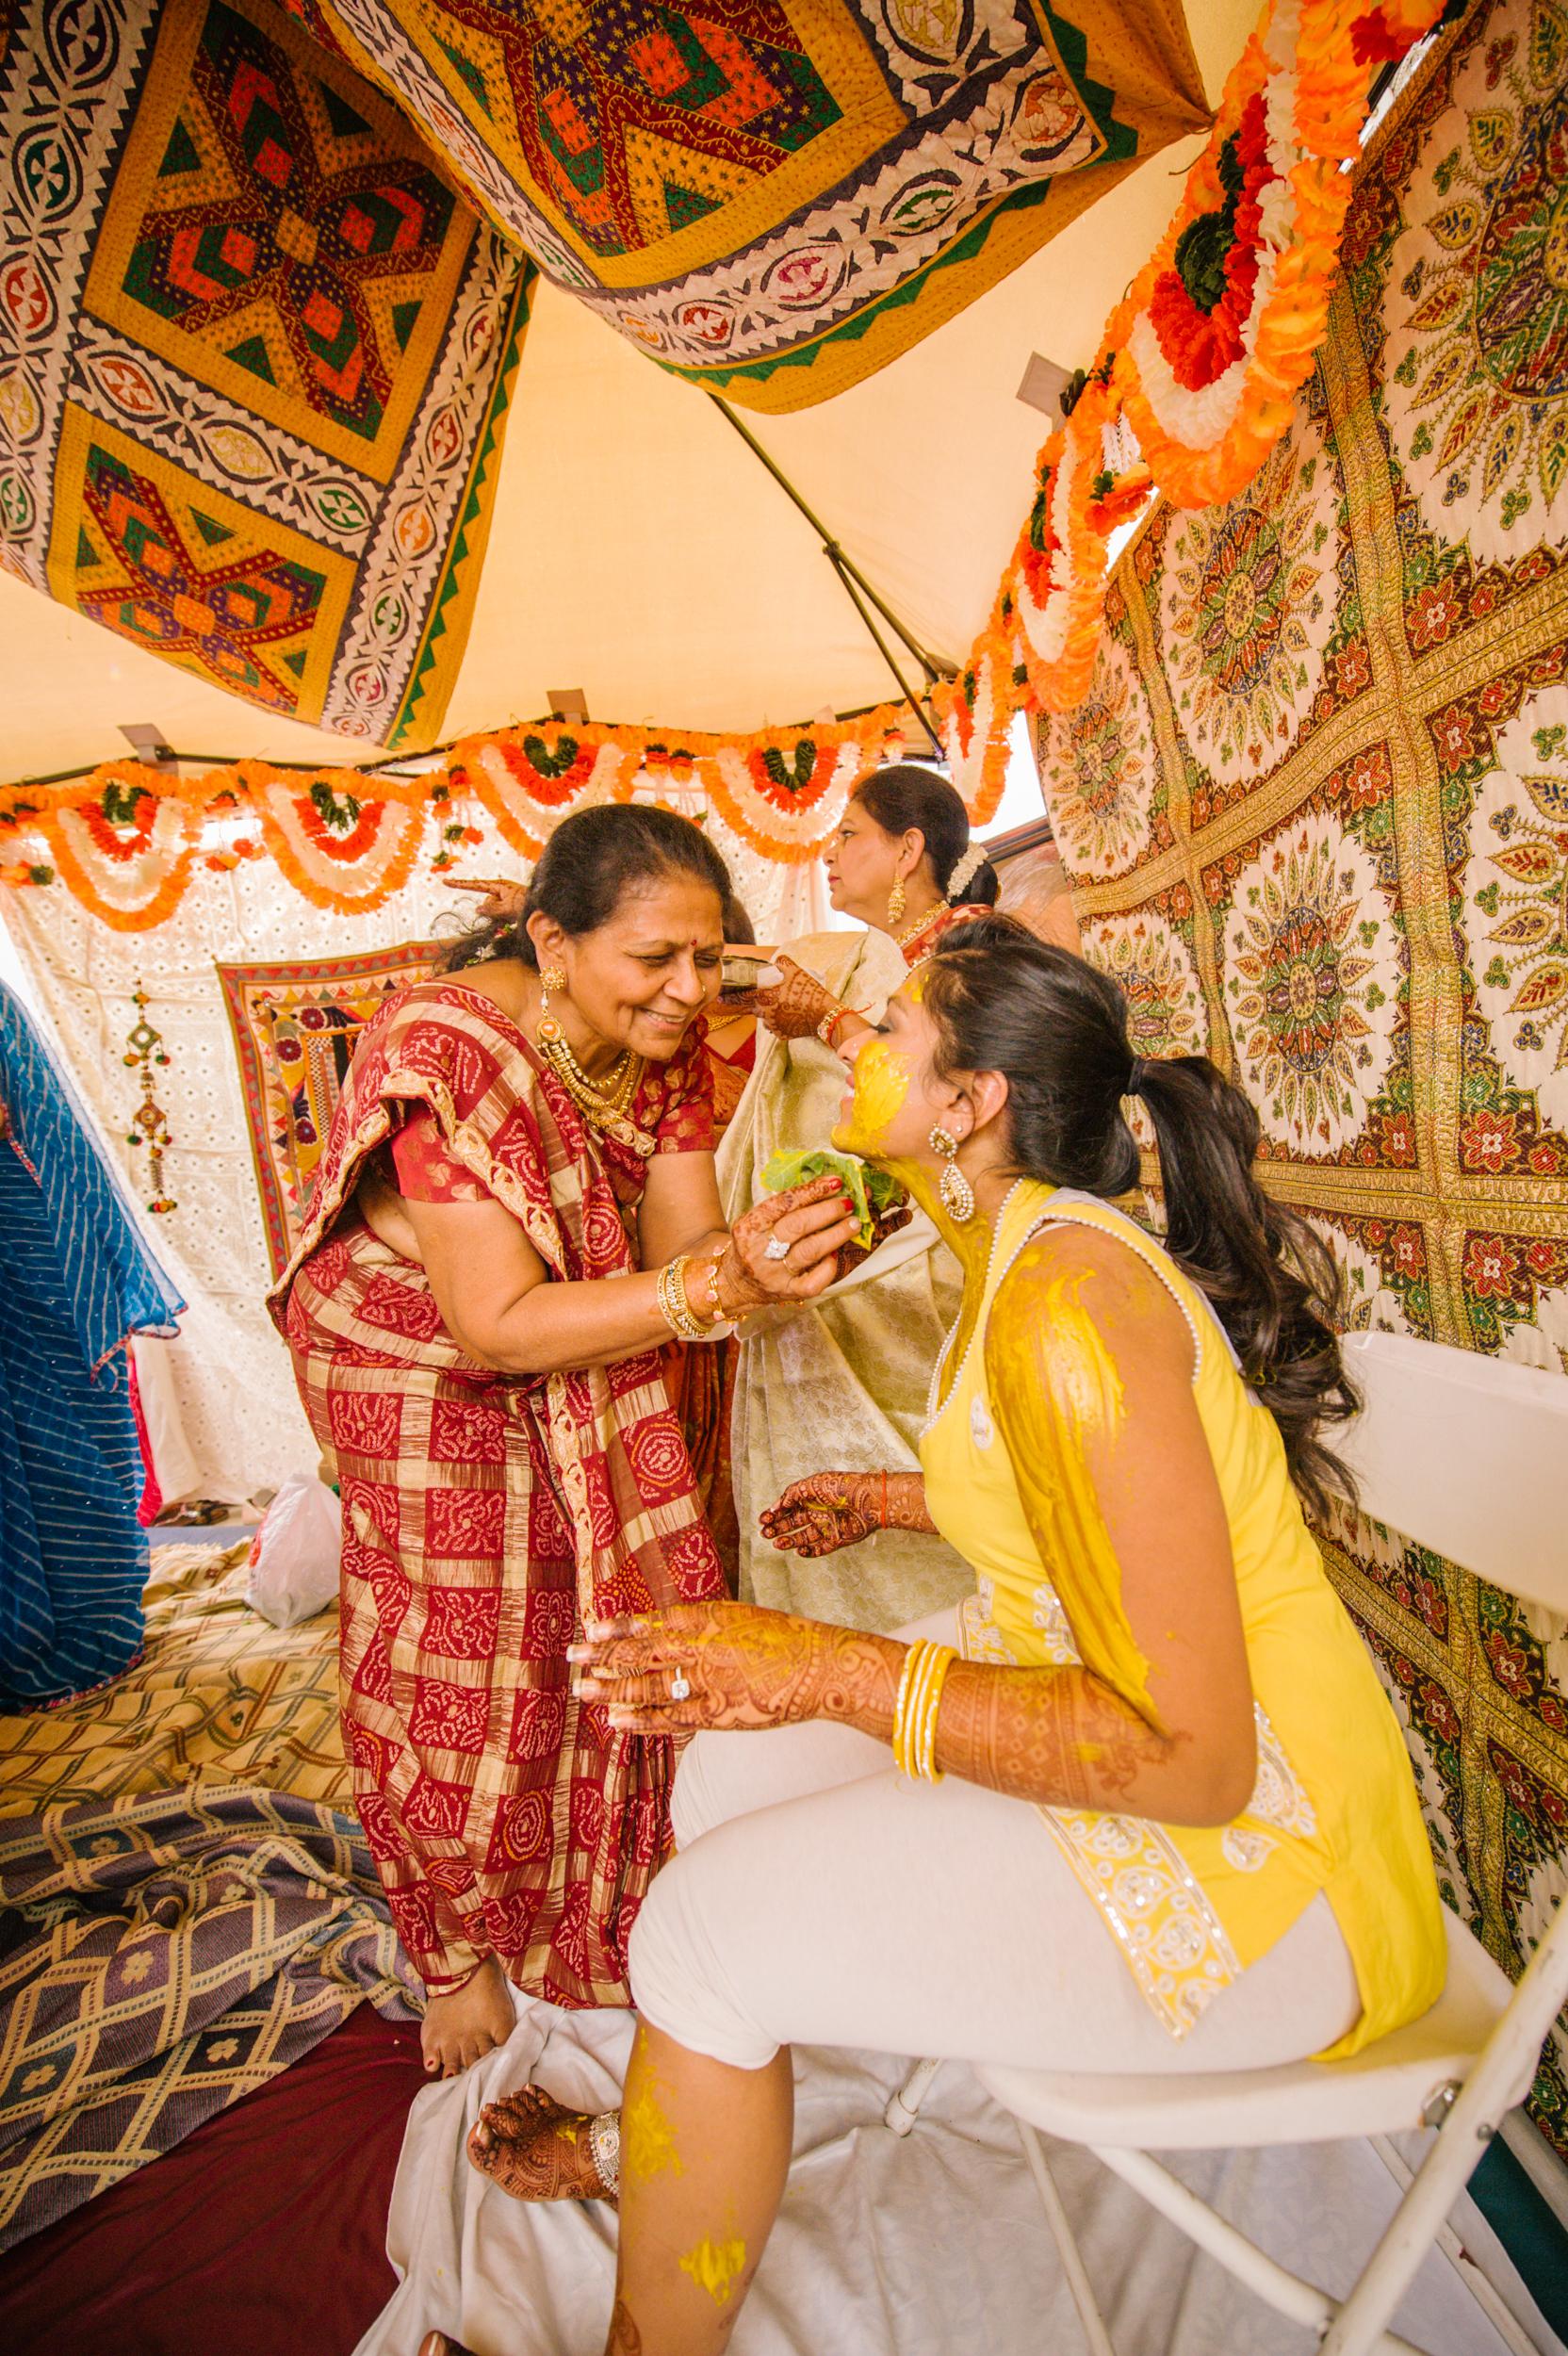 JKP_Indian_Weddings_0123.JPG